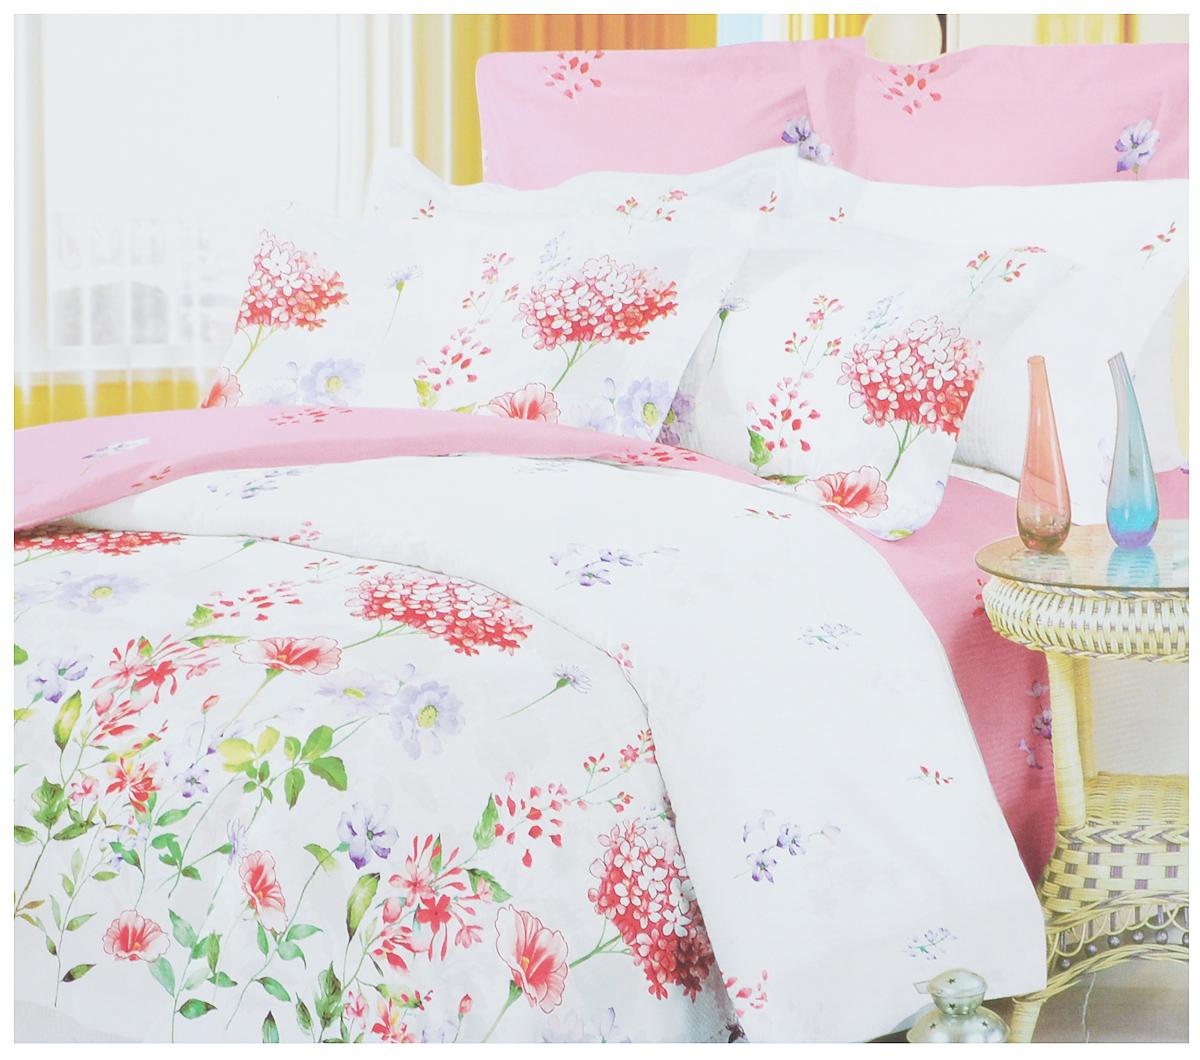 Комплект белья Primavera Утро, 1,5-спальный, наволочки 70x70, цвет: розовый, белый88263_розовыйРоскошный комплект постельного белья Primavera Утро выполнен из качественного плотного сатина и украшен оригинальным цветочным рисунком. Комплект состоит из пододеяльника, простыни и двух наволочек.Сатин - это ткань из 100% натурального хлопка. Мягкость и нежность материала создает чувство комфорта и защищенности. Классический натуральный природный материал делает это постельное белье нежным, элегантным и приятным. Приобретая комплект постельного белья Primavera Утро, вы можете быть уверены в том, что покупка доставит вам и вашим близким удовольствие и подарит максимальный комфорт.